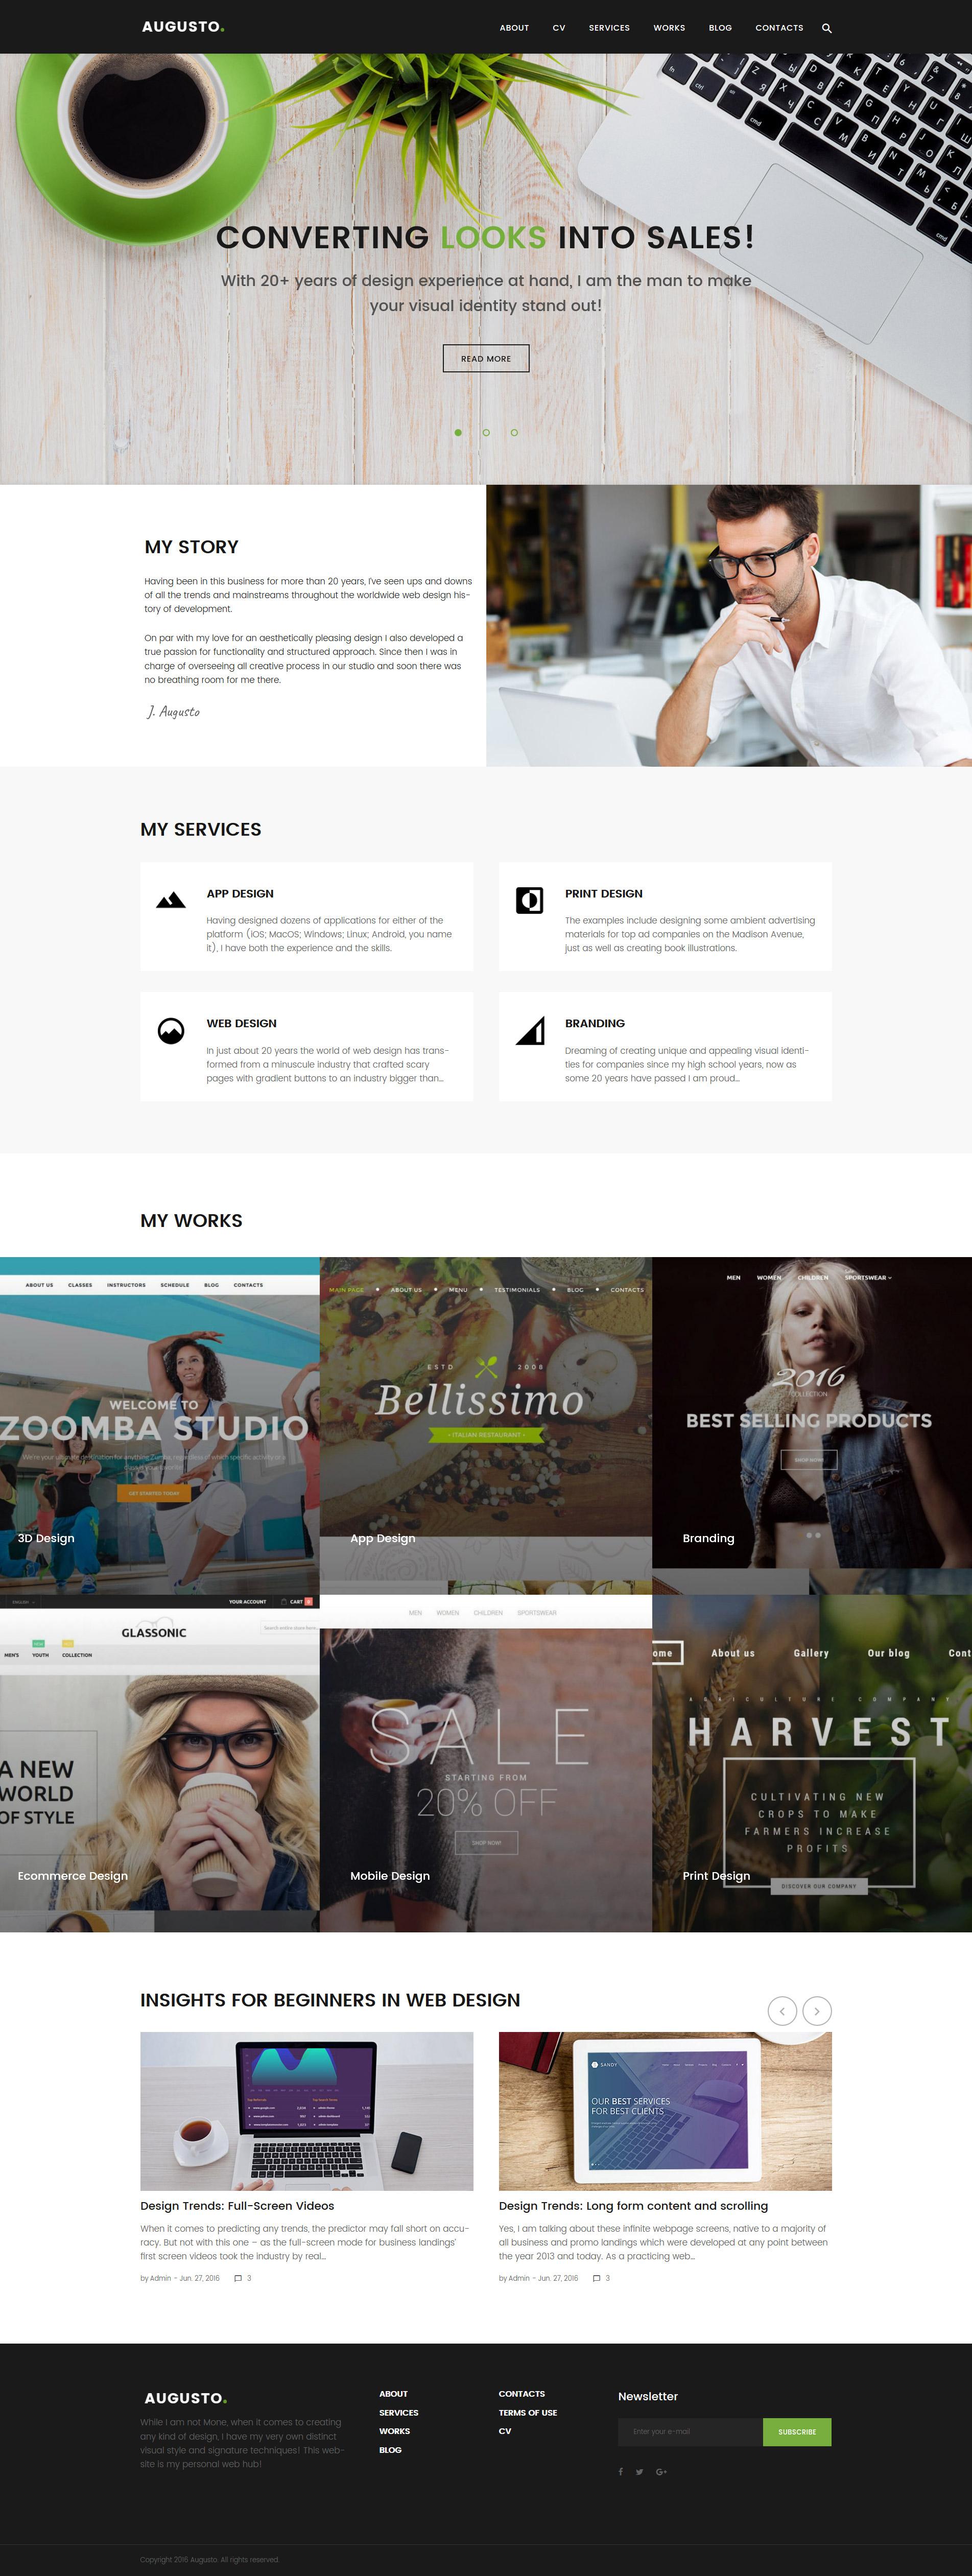 Augusto - адаптивная Wordpress тема для портфолио дизайнера №62113 - скриншот